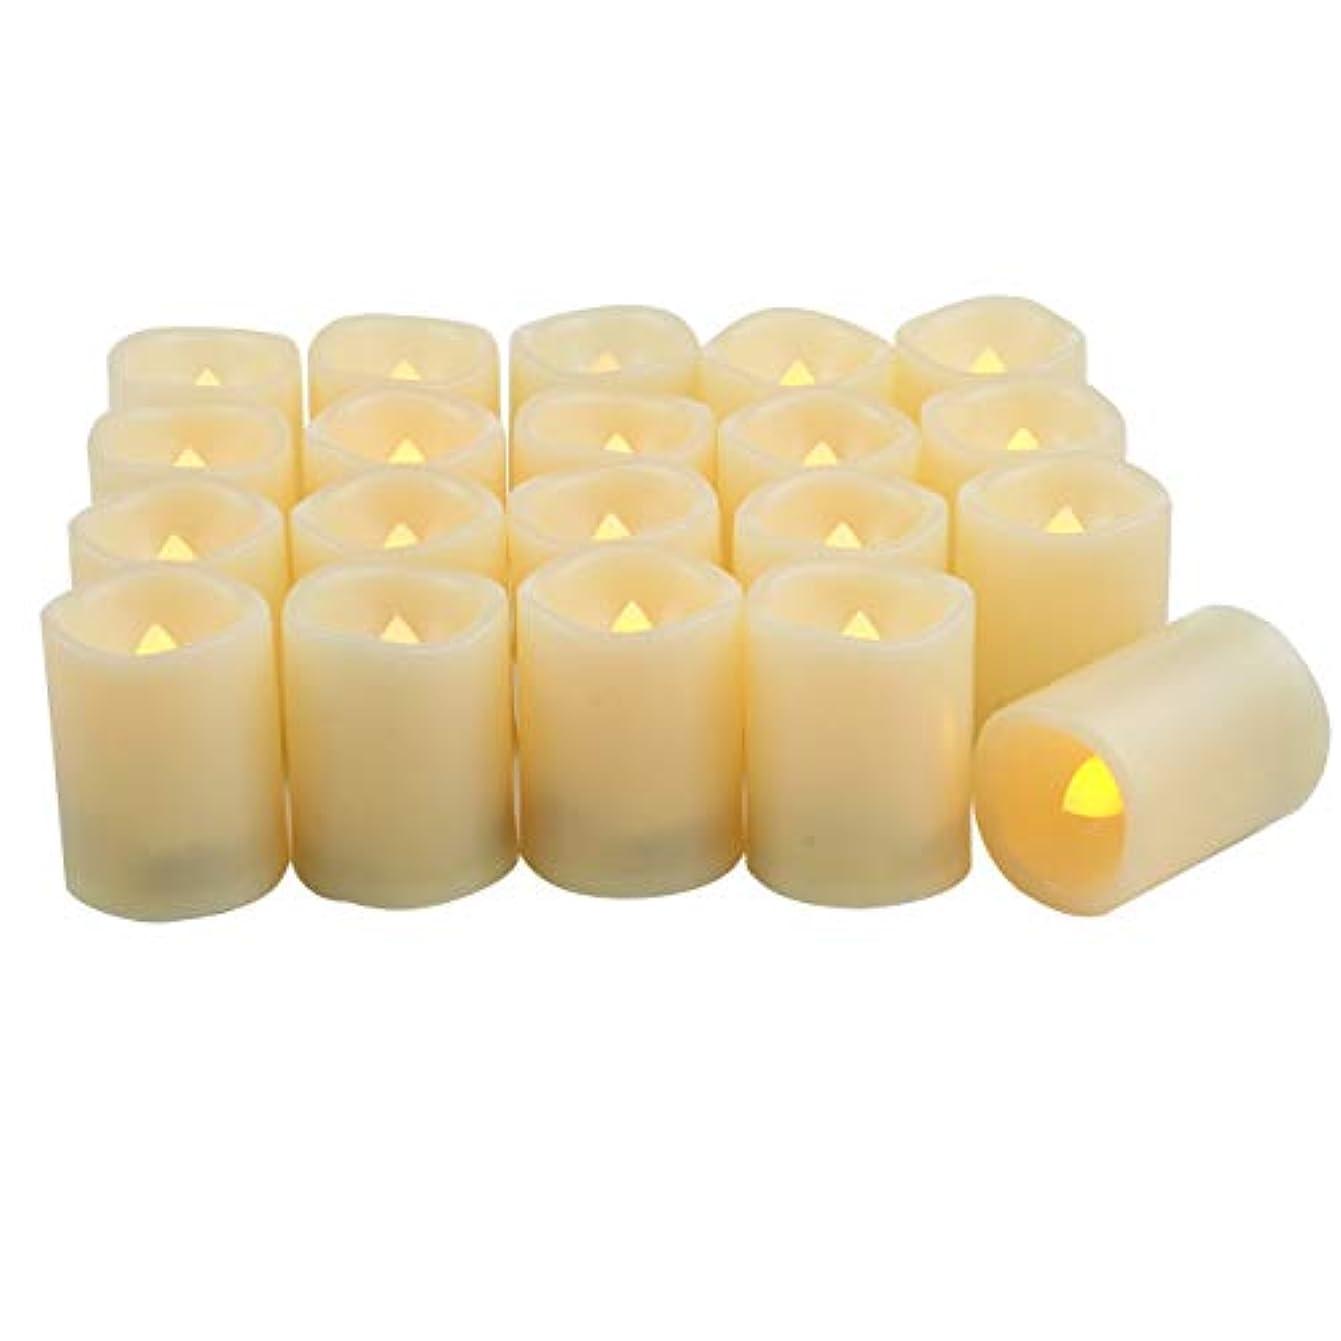 発生地区吸収iZAN 火を使わない電池式LED灯明キャンドル 20個パック 明るい揺らめく電気灯明 装飾ライト クリスマスやホームパーティーやウェディングのデコレーションに 1.5インチx2インチの電池付き